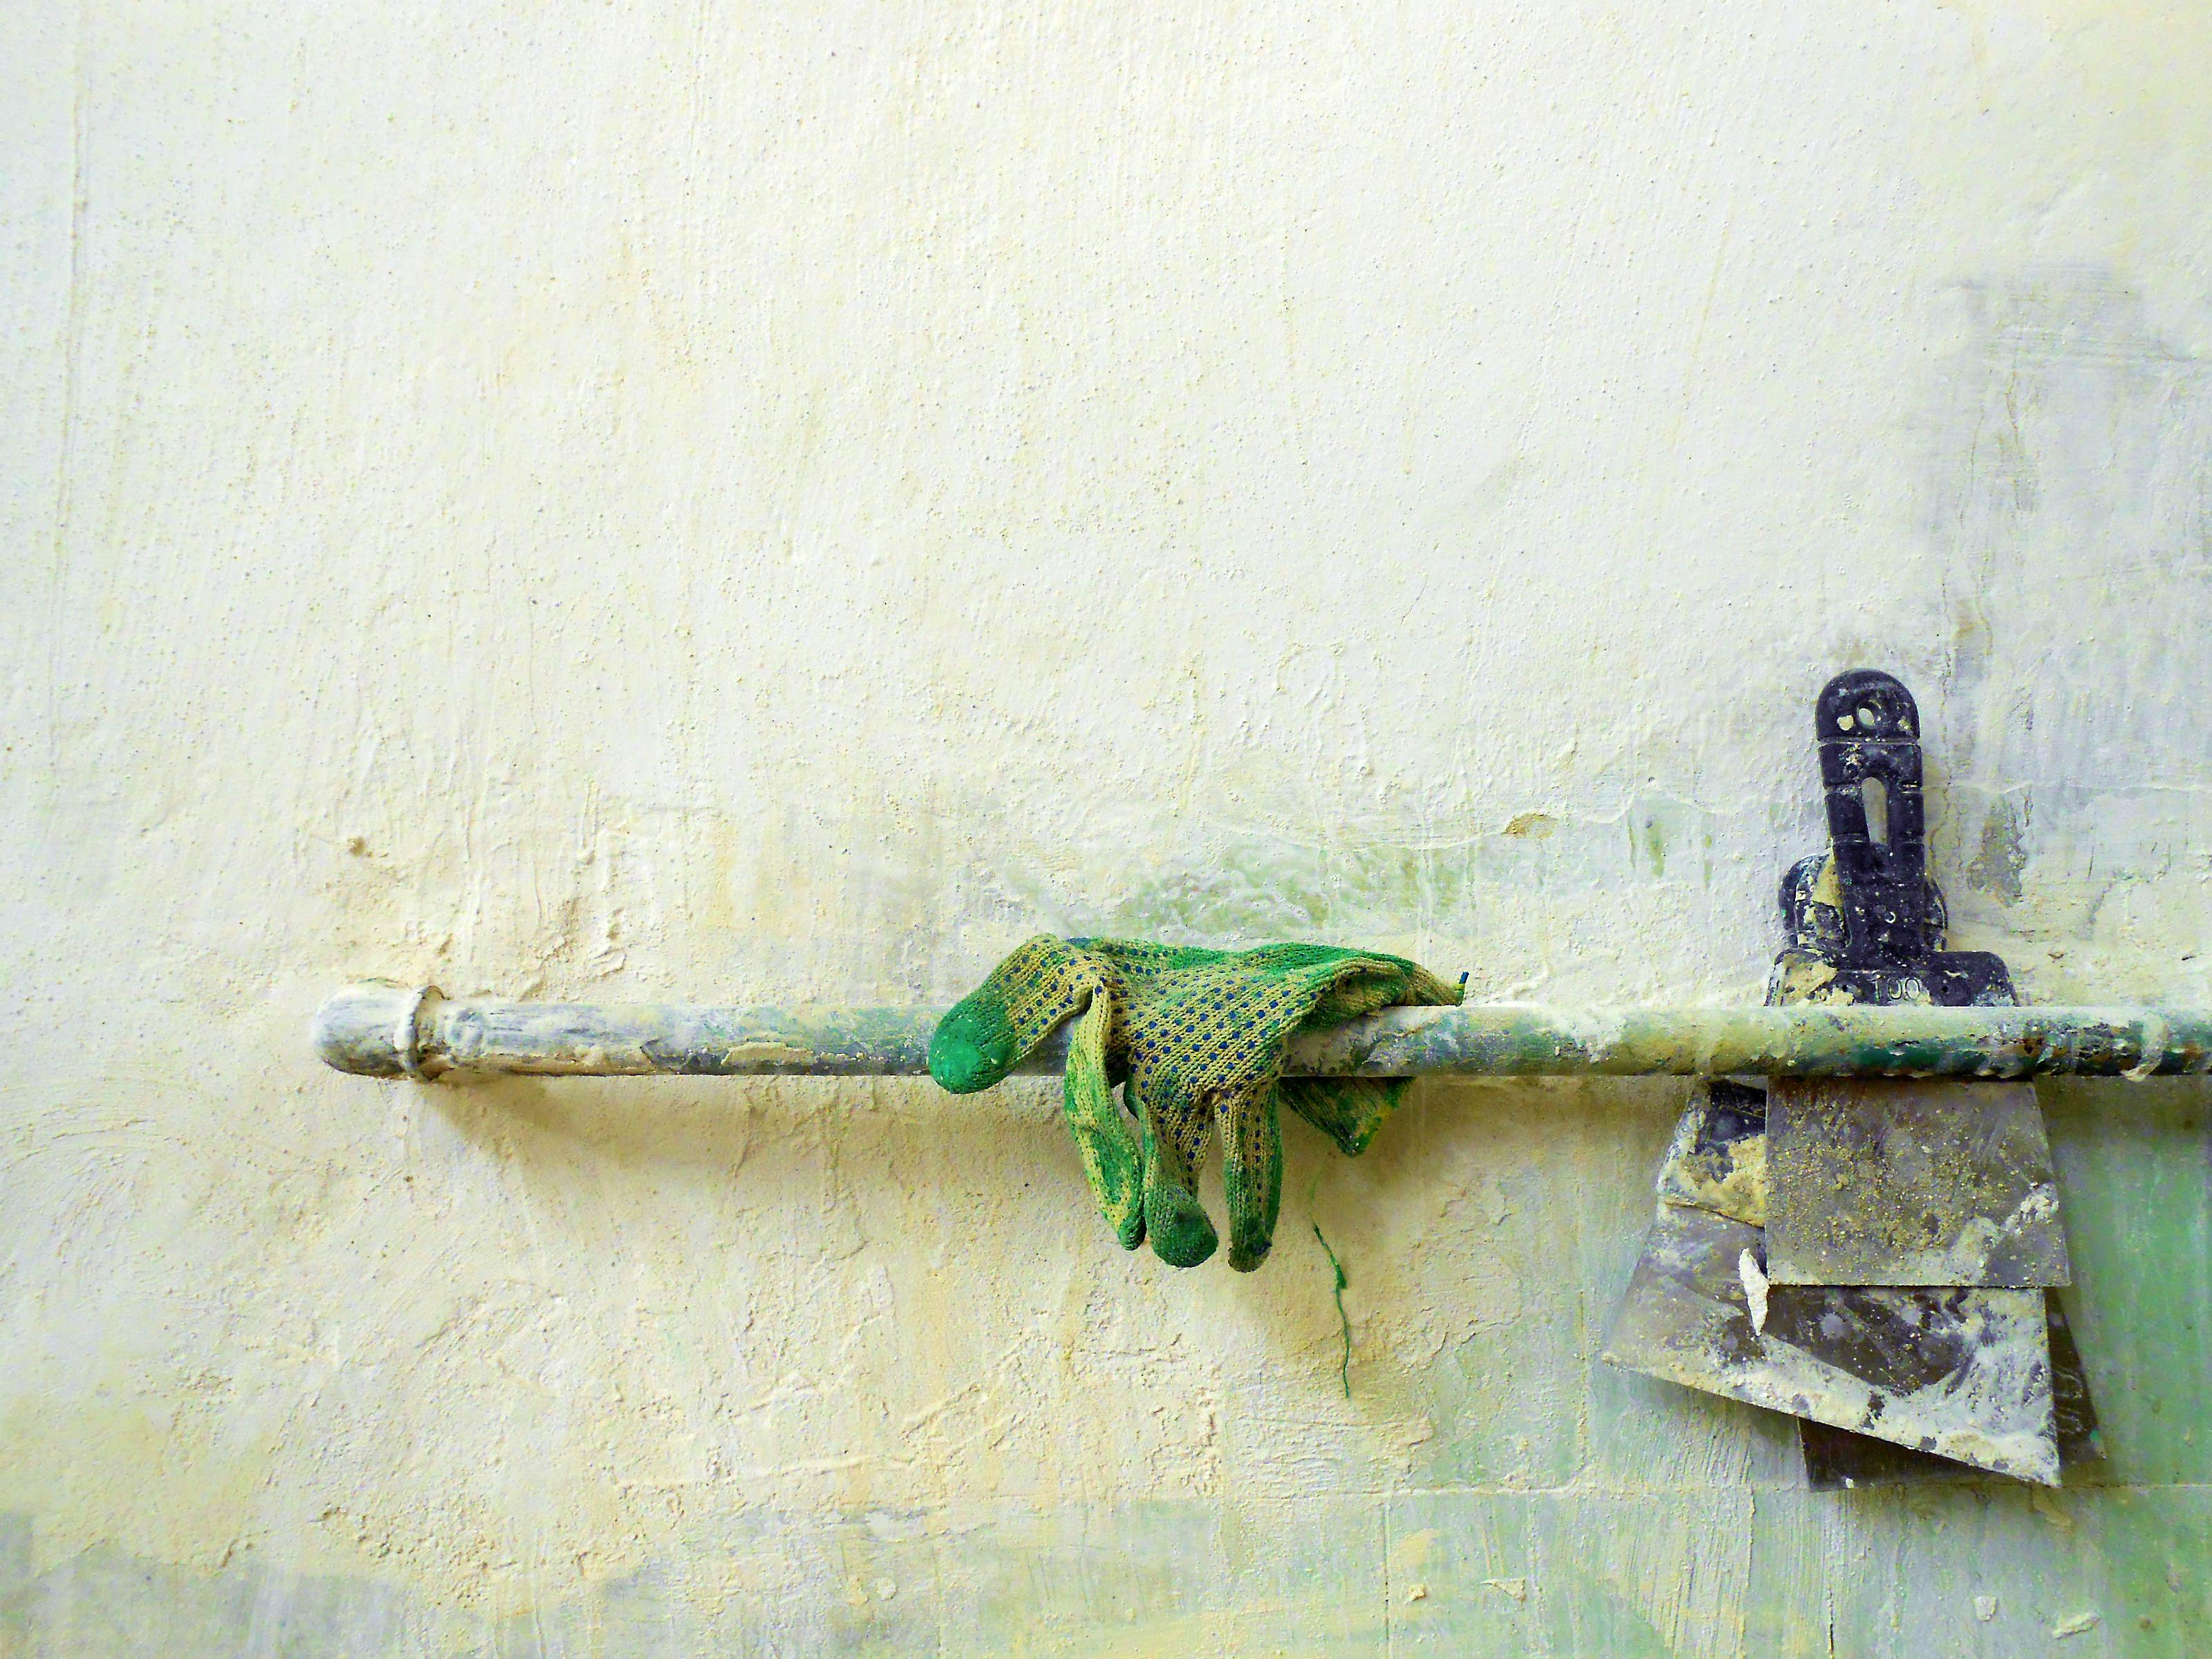 Palette-knife photo